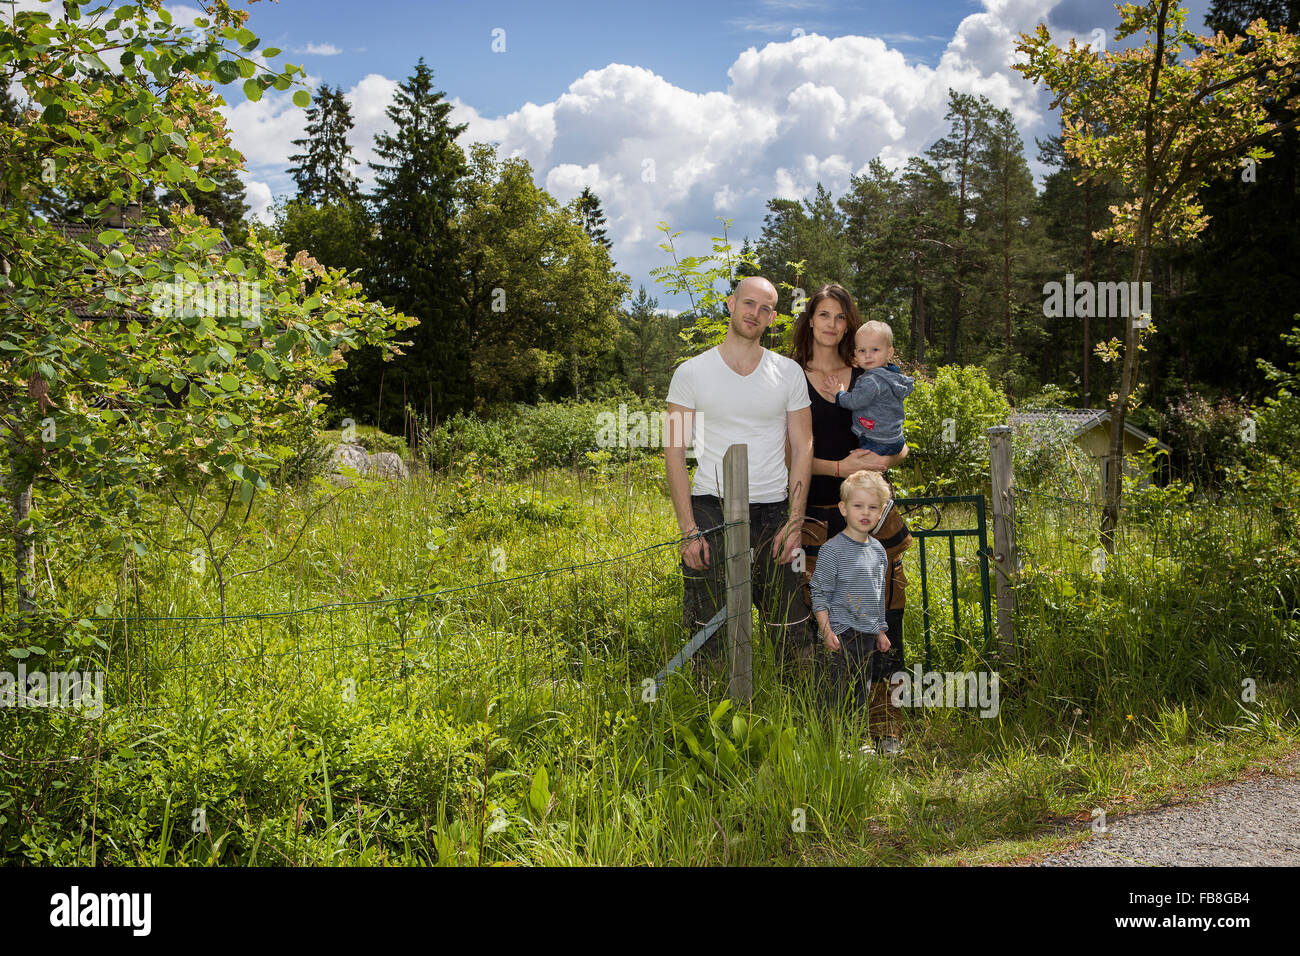 Suecia, Estocolmo, Uppland, Nacka, familia con dos hijos (18-23 meses, 4-5) parado entre un exuberante follaje Foto de stock